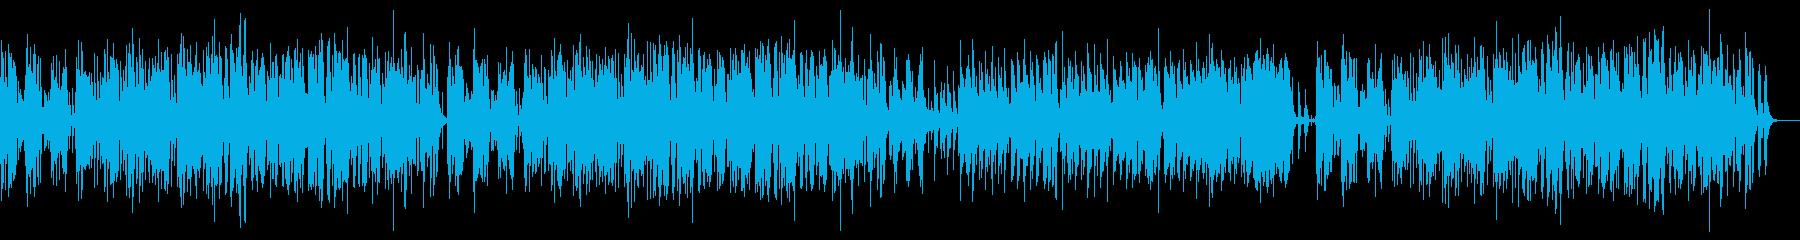 マリンバとオーボエの明るく軽快なポップスの再生済みの波形